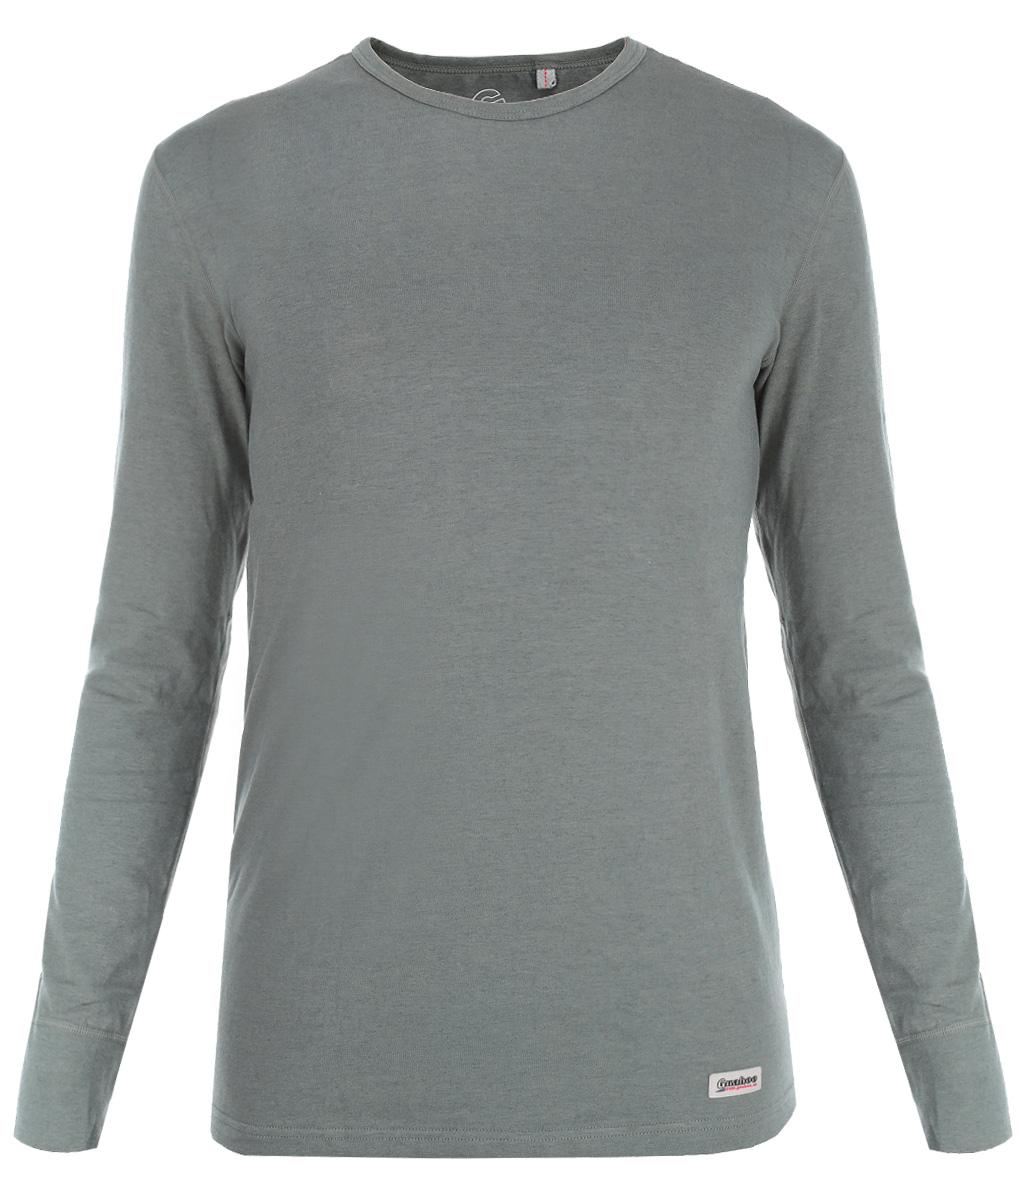 Термобелье кофта21-0470-SМужская футболка с длинным рукавом Guahoo Everyday подходит для повседневной носки в прохладную погоду. В состав модели входит натуральная шерсть, что придает ей согревающий эффект, в тоже время полотно достаточно тонкое. Хлопок - это натуральное волокно, гипоаллергенное, долговечное в носке, не электризуется, приятное на ощупь, позволяет коже дышать. Добавление эластана позволяет изделию облегать фигуру, не дает полотну растягиваться и образовывать пузыри на локтях. Модель имеет облегающий силуэт. Футболка с длинными рукавами и круглым вырезом горловины оформлена небольшой нашивкой с названием бренда. Рукава дополнены широкими трикотажными манжетами. Рекомендуемый температурный режим от +5°С до -10°С.